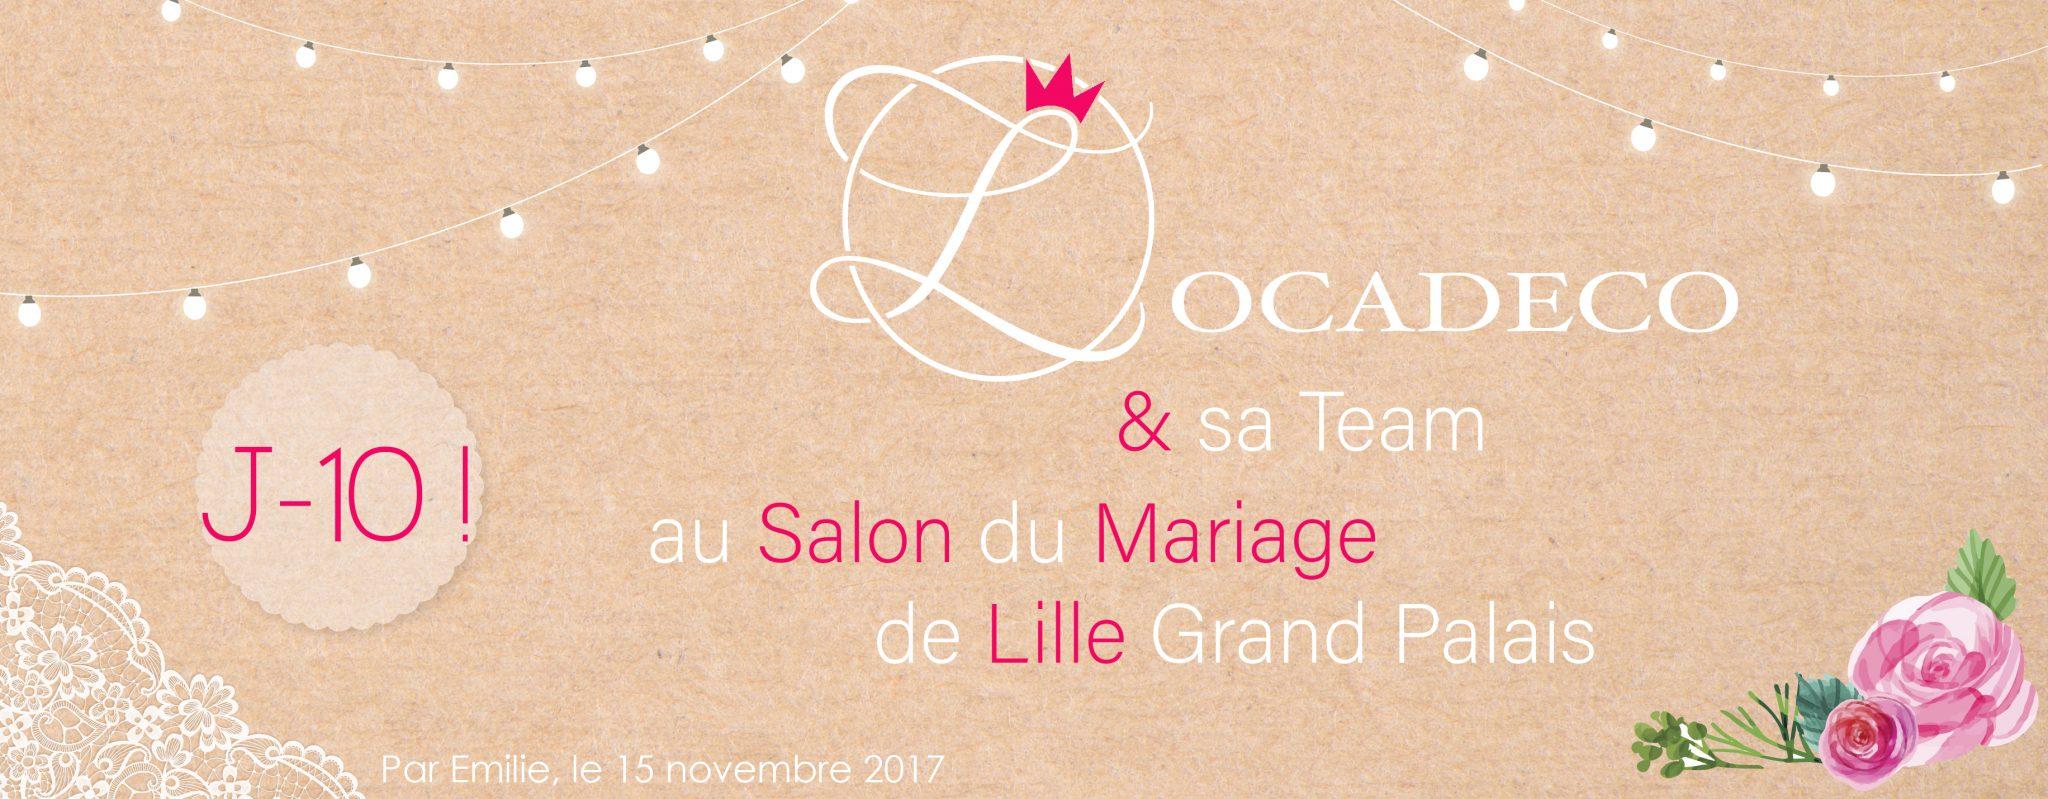 Locadeco et sa Team au Salon du Mariage de Lille Grand Palais … J-10 !